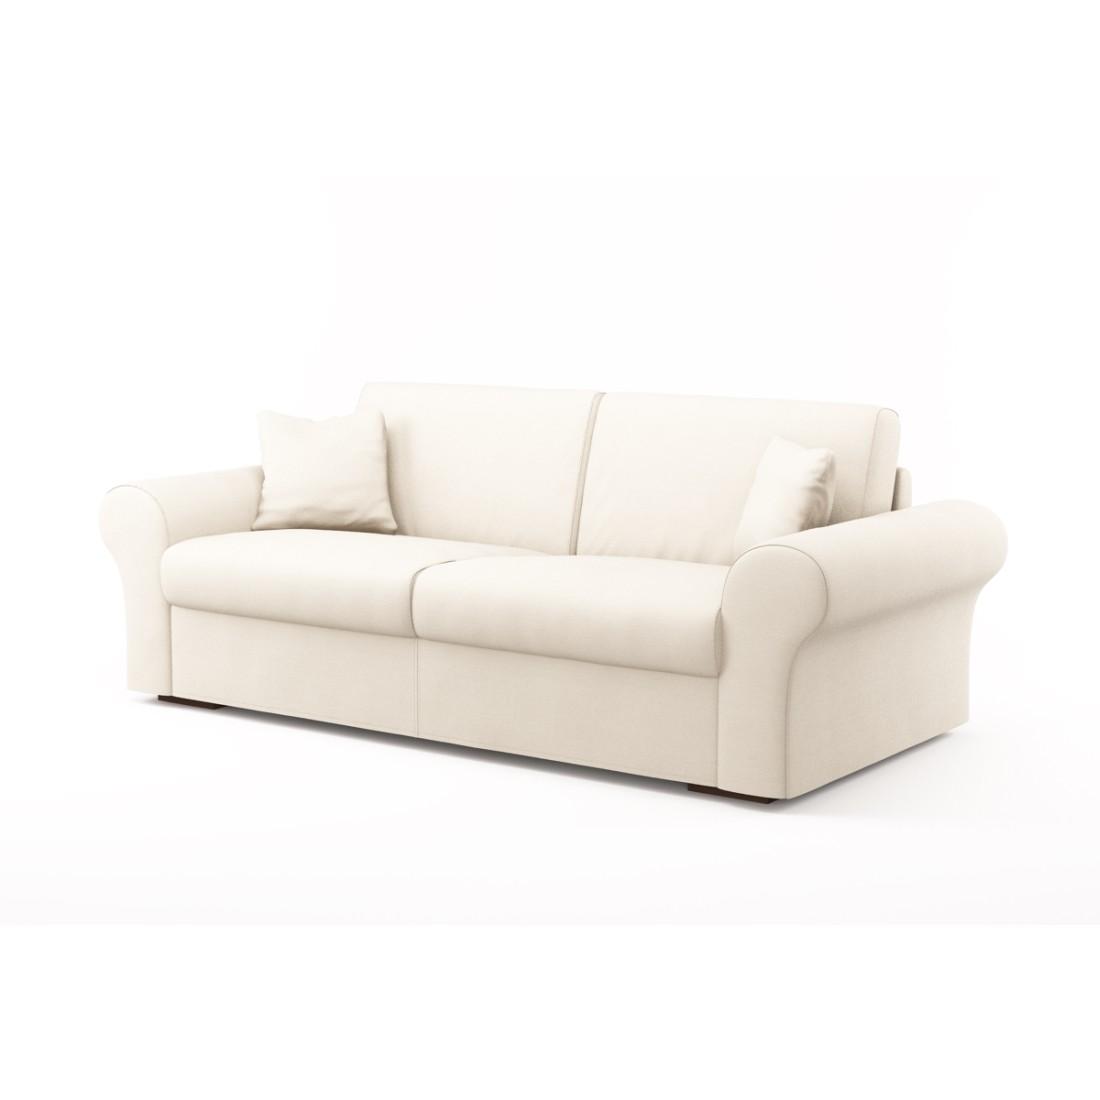 Schlafsofa Novo (3-Sitzer) – Cielo Vip 5 249 (Ecru), Von Wilmowsky bestellen